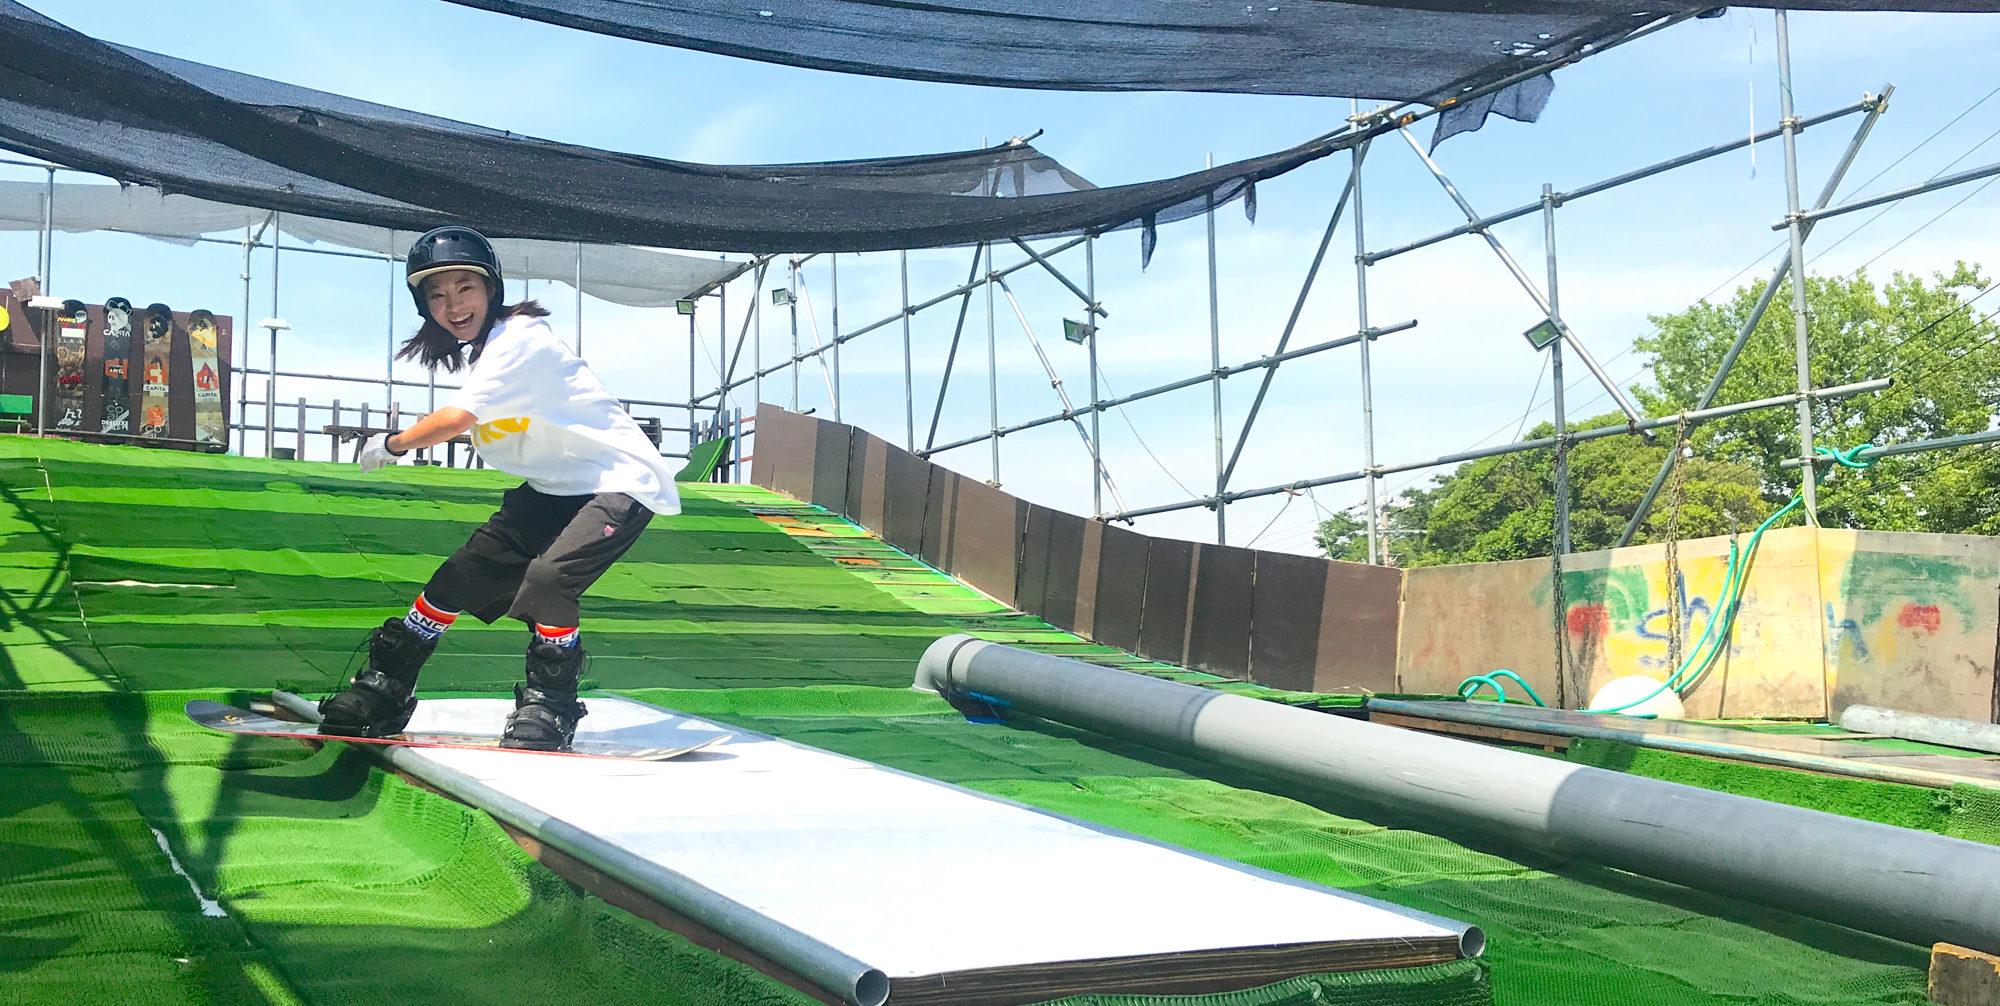 スノー&スケートパーク BRUSH? PARKS スキー、スノーボード練習場